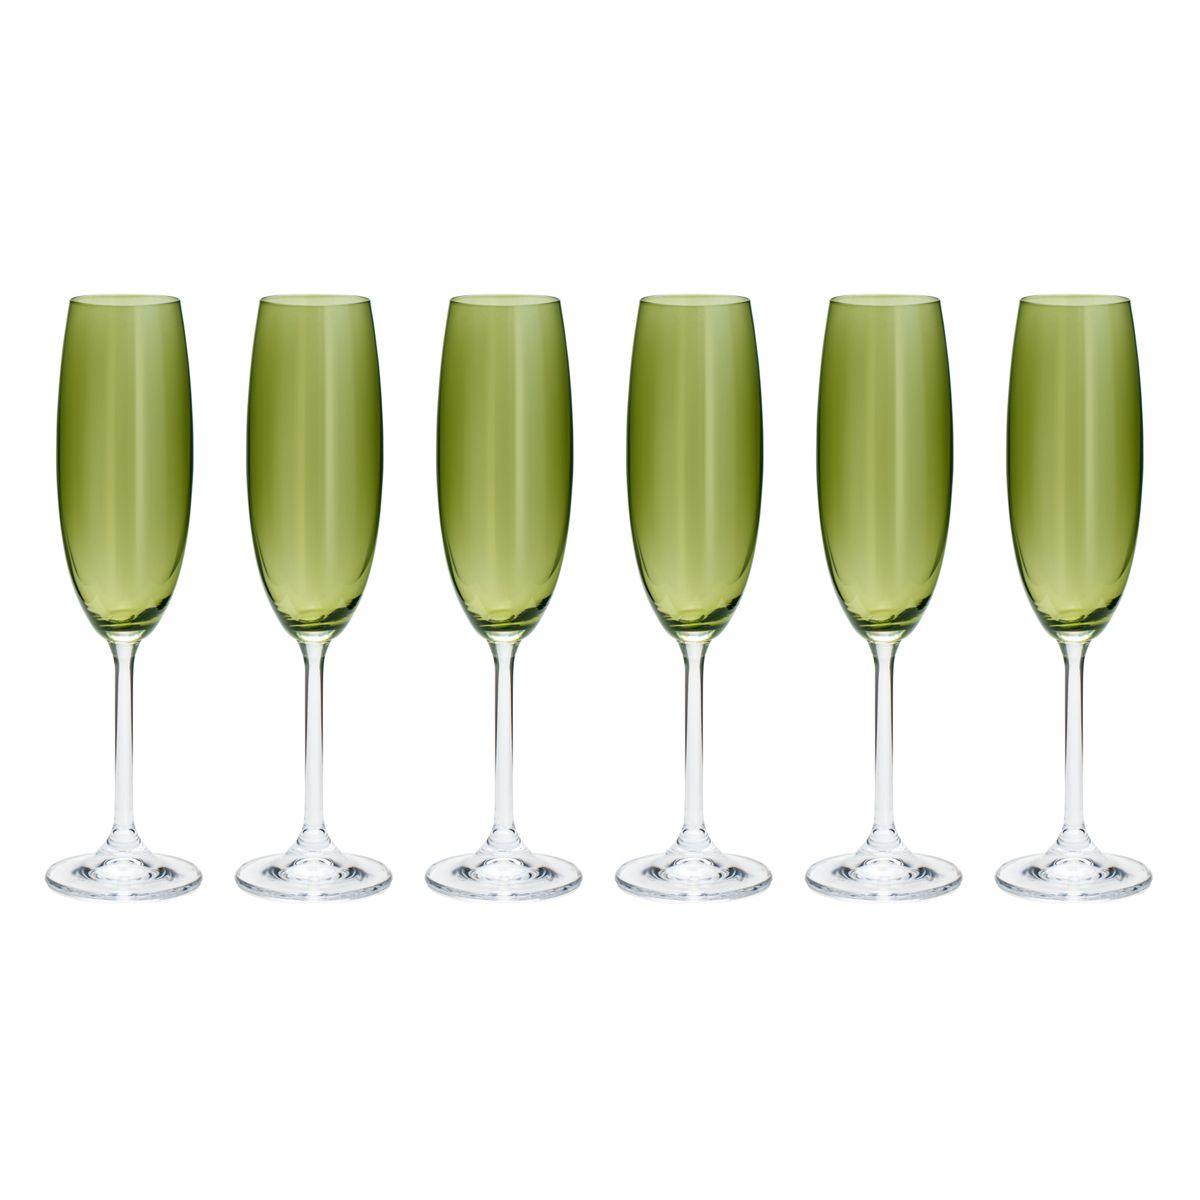 Jogo com 6 Taças Espumante Cristal Verde Colibri